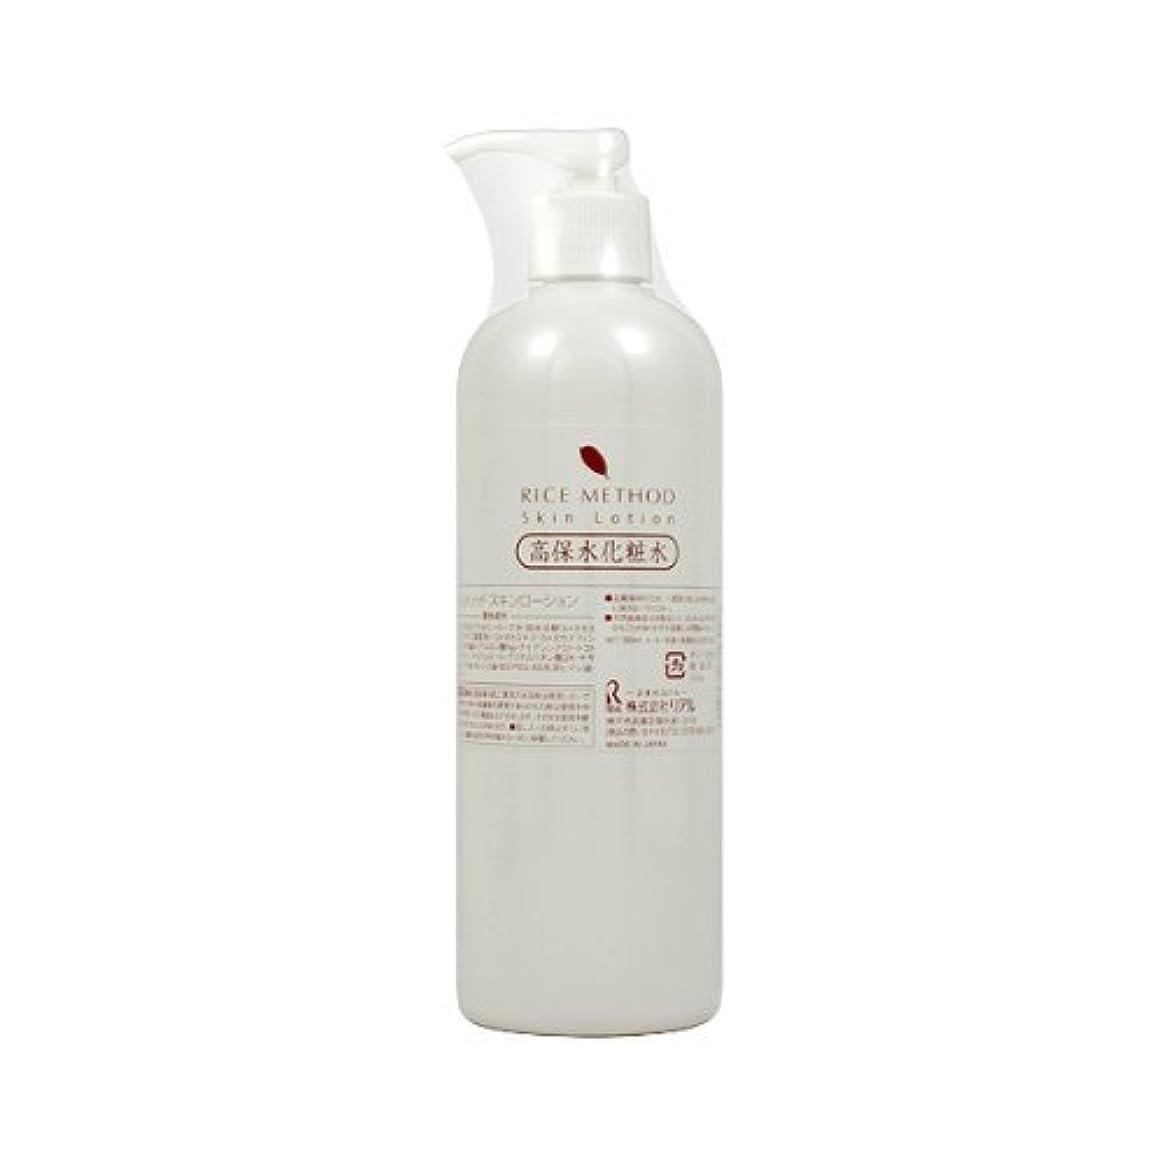 ライスメソッド スキンローション(高保湿化粧水) 380ml